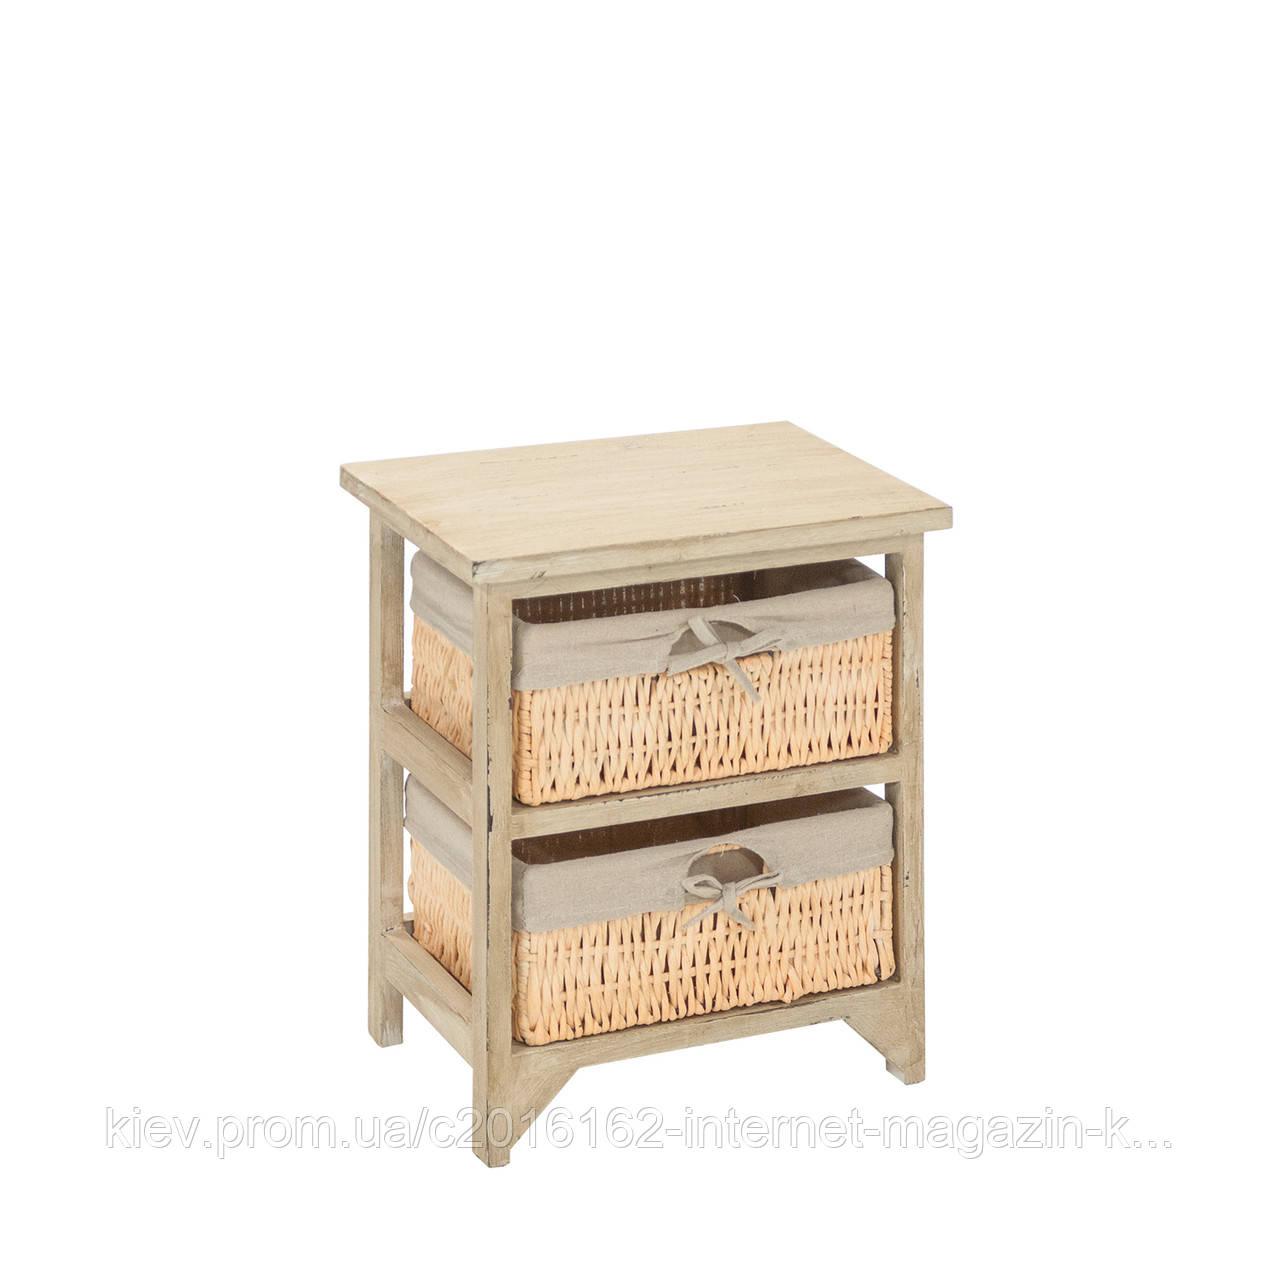 Комод античный маленький Home4You HARDY на 2 ящика, 35x27xH42cm,антично-коричневый